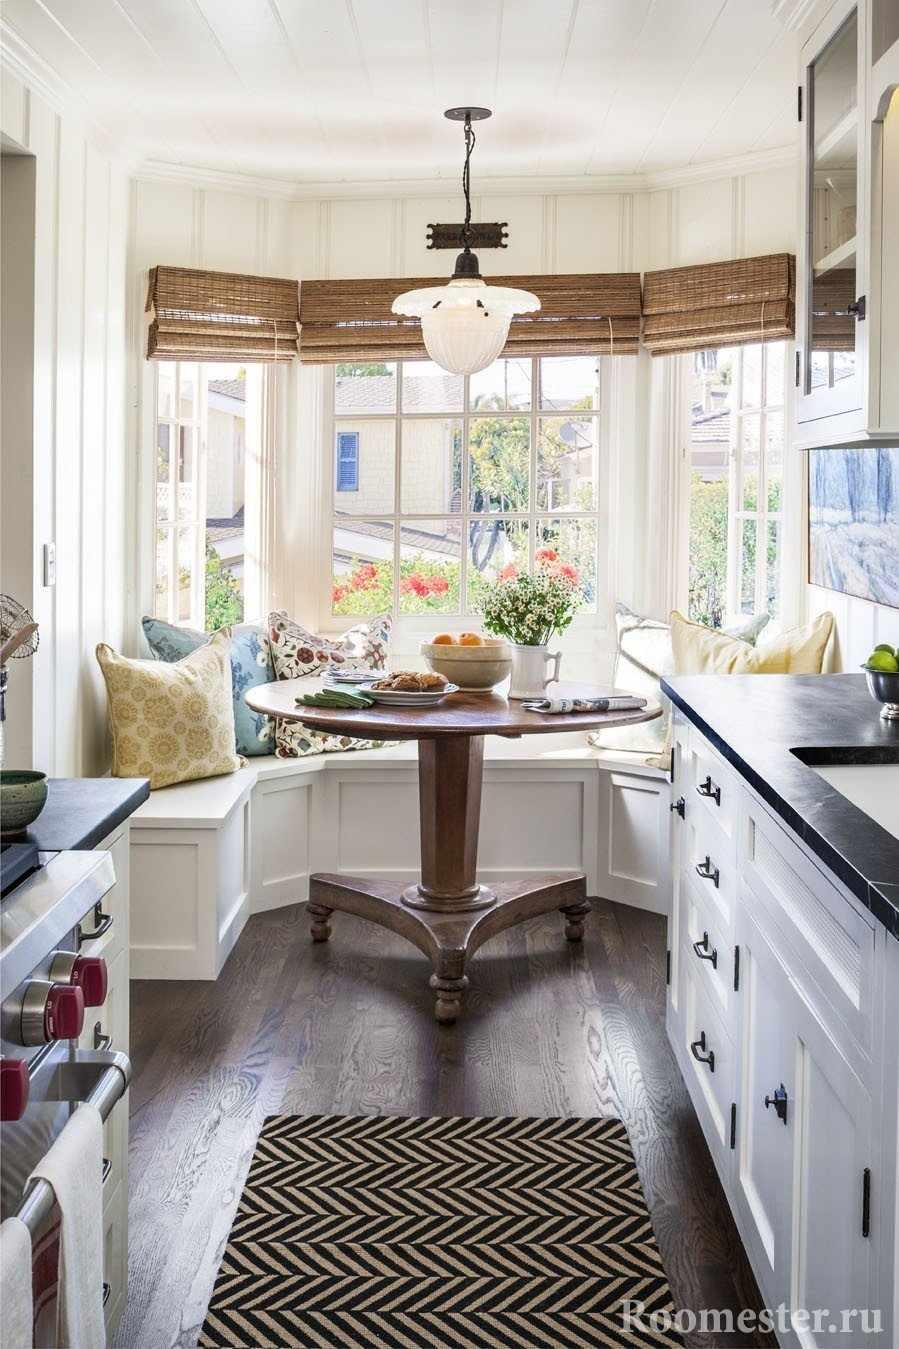 Узкая кухня с большими окнами в эркере